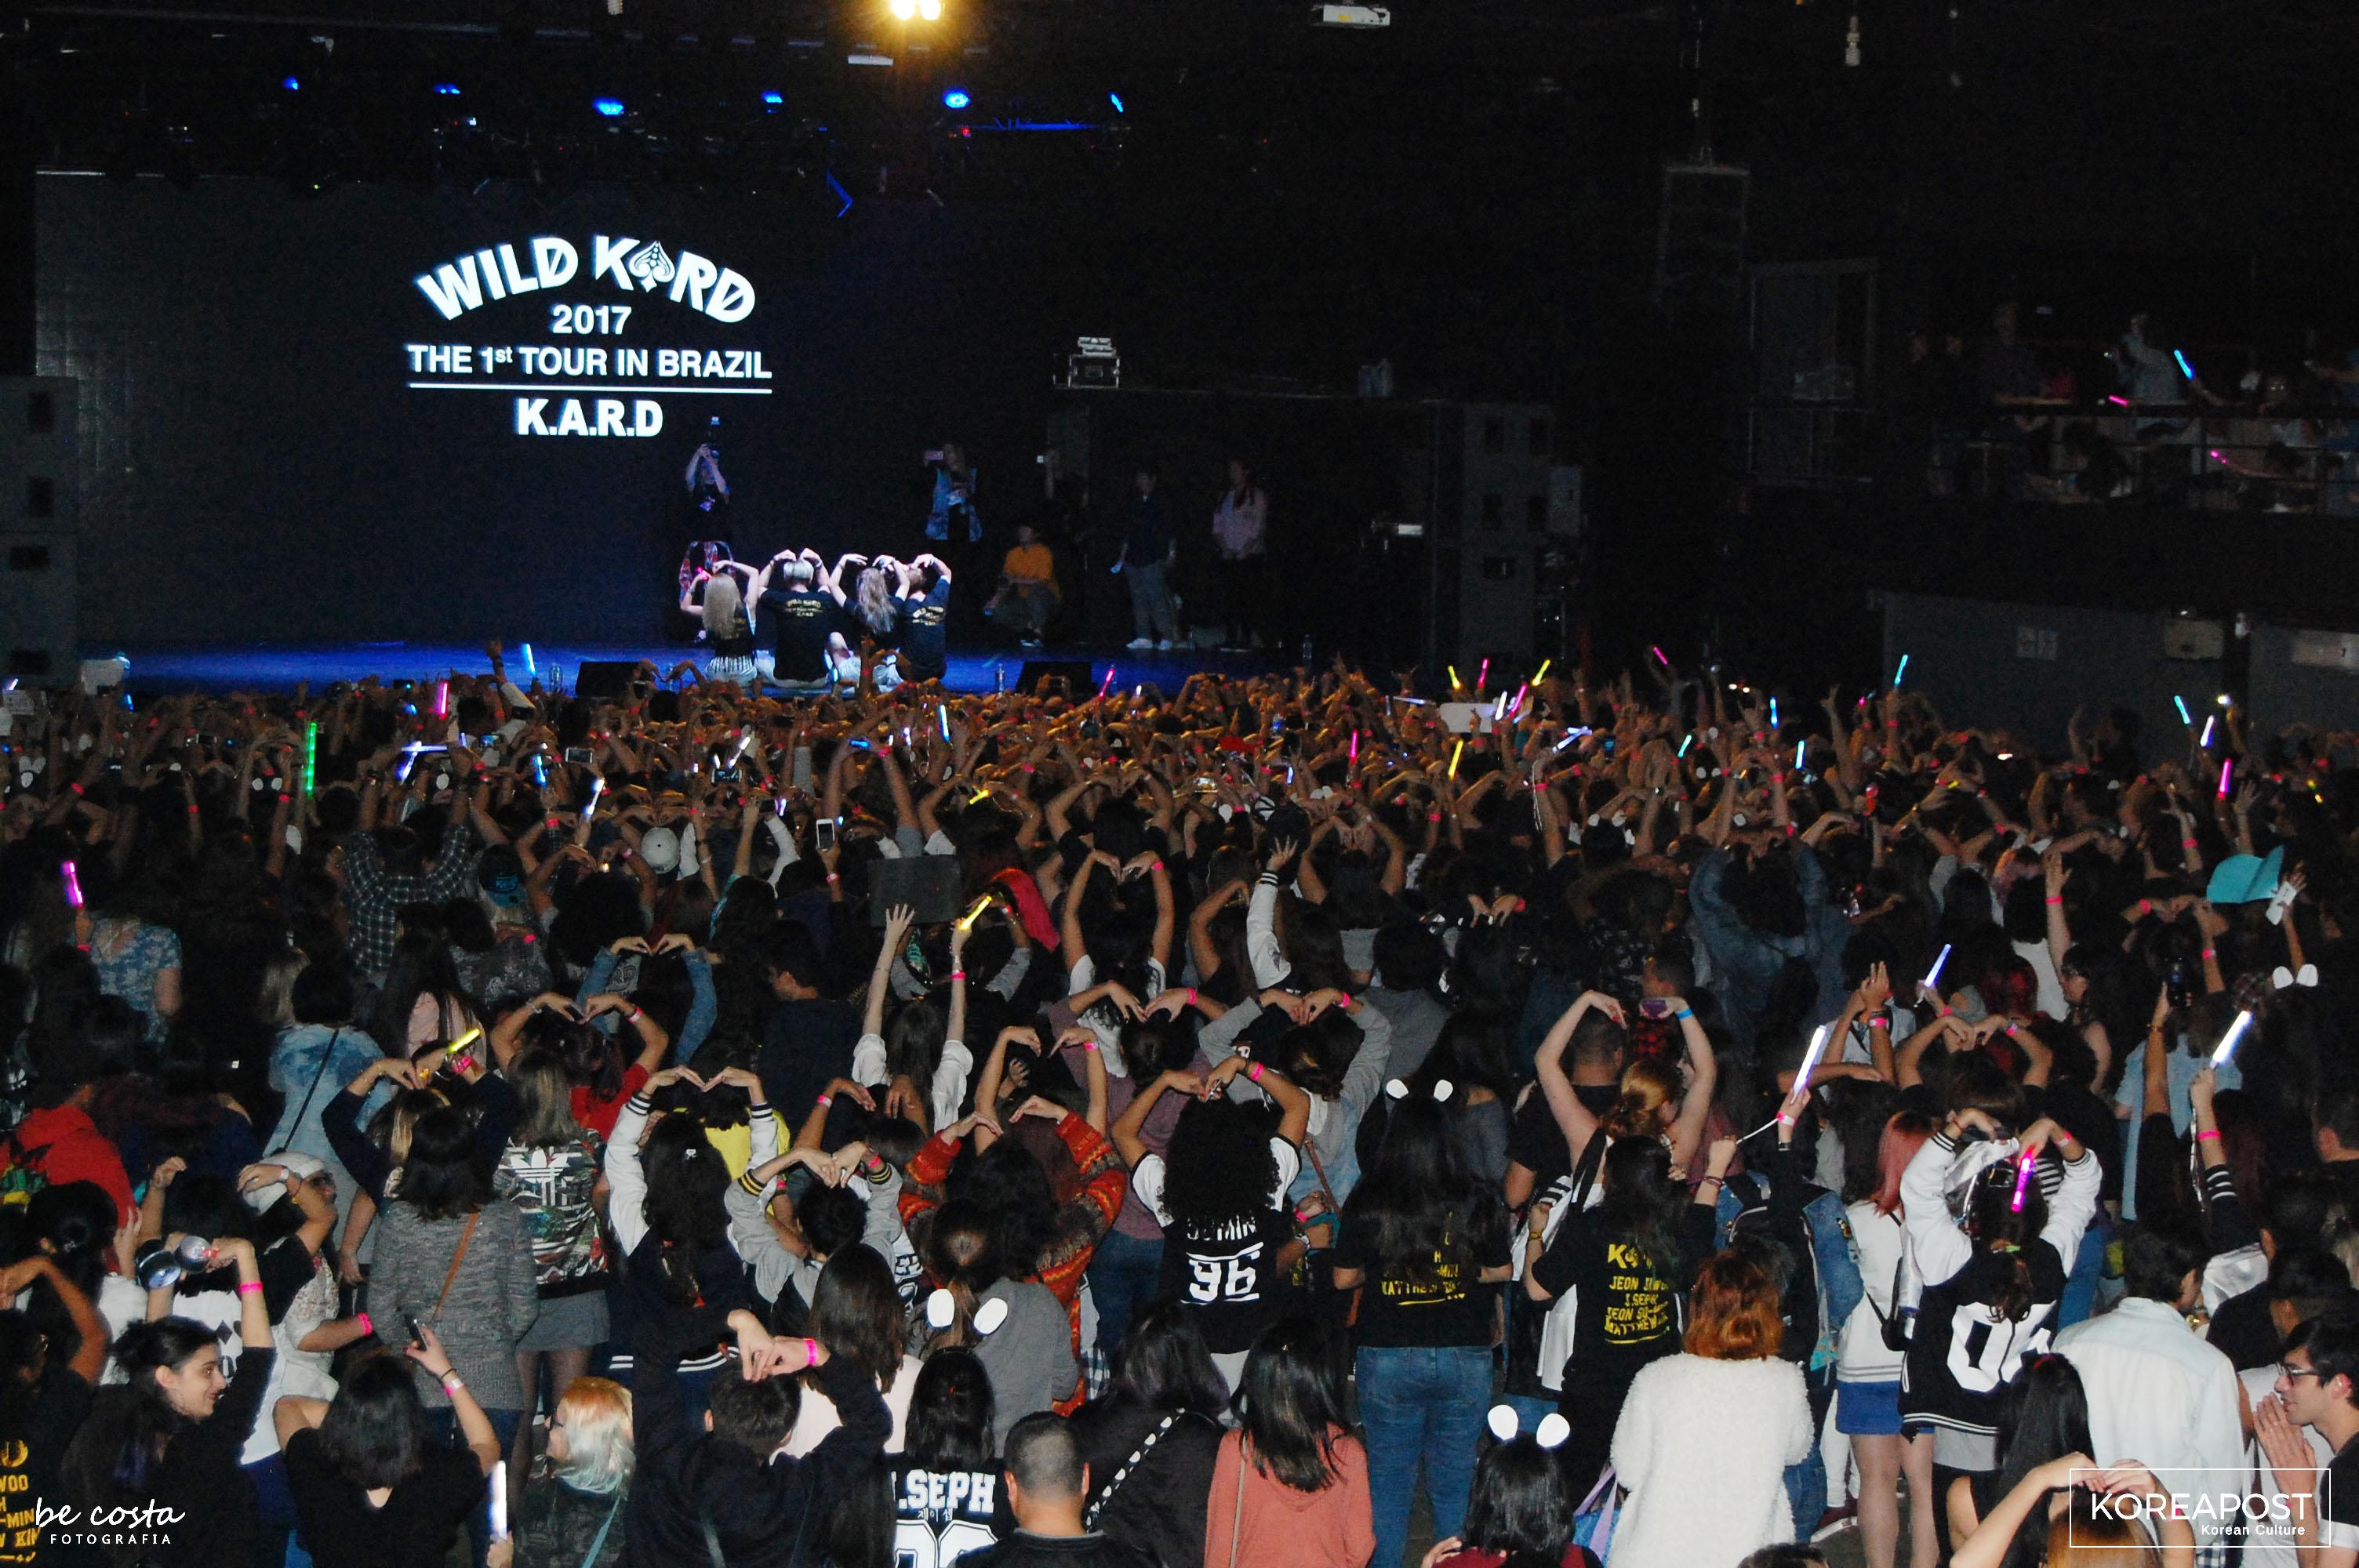 KARD posa para foto com os fãs no Tropical Butantã em São Paulo, em 01 de julho. Foto: Koreapost.